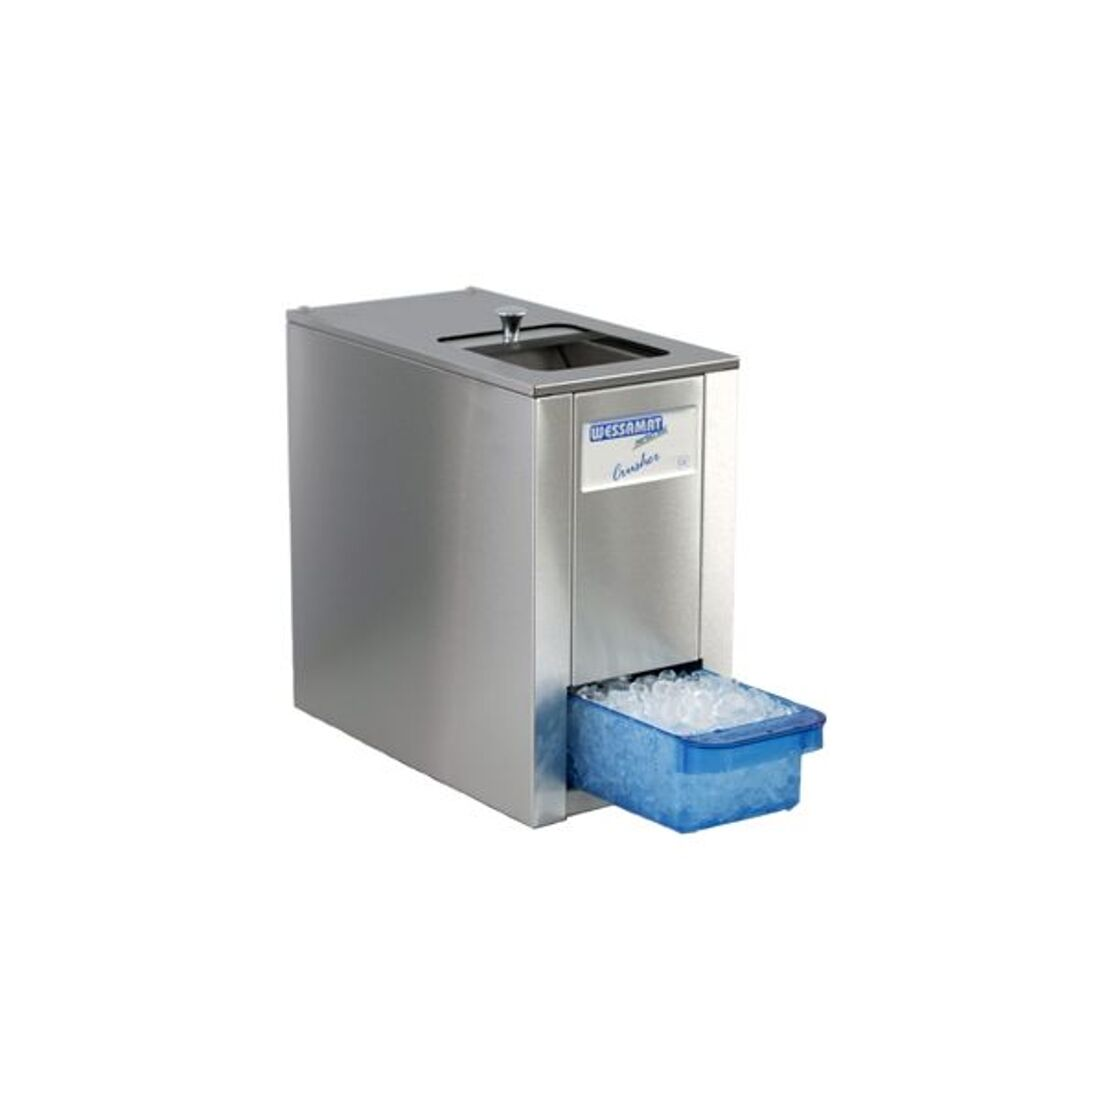 Wessamat Ice Crusher C 103 706 50